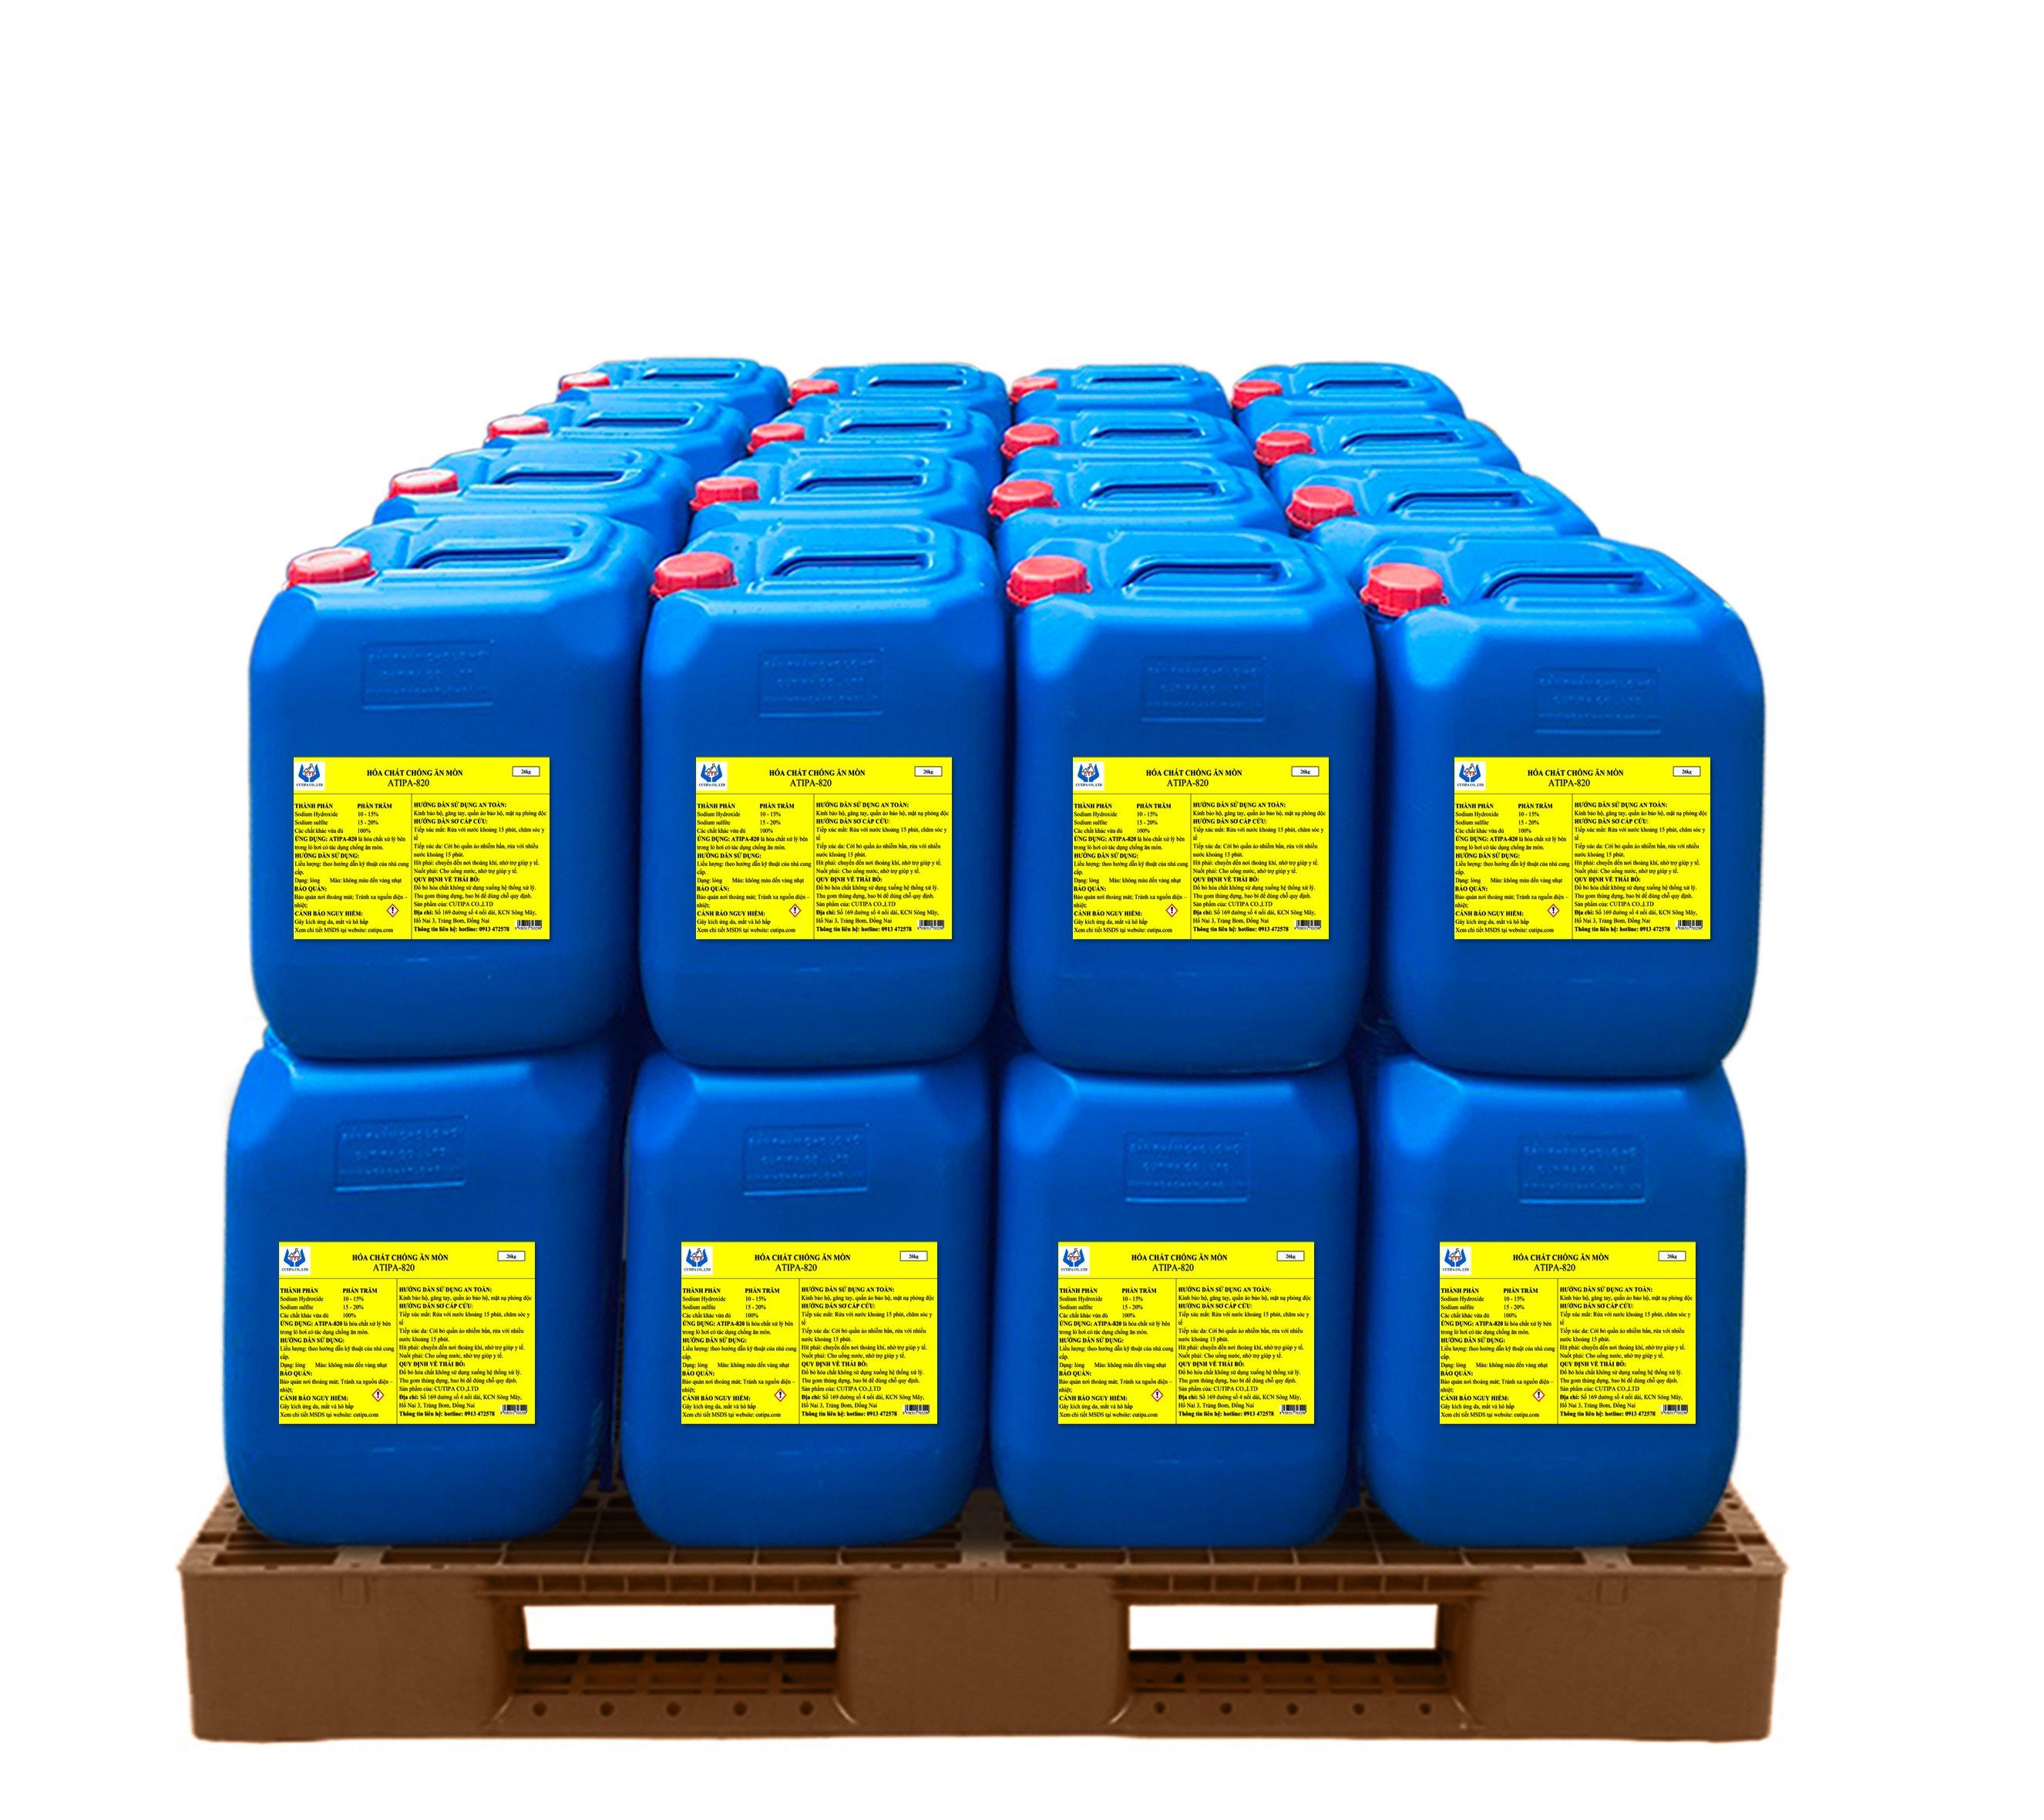 Hóa chất dùng cho lò hơi D101